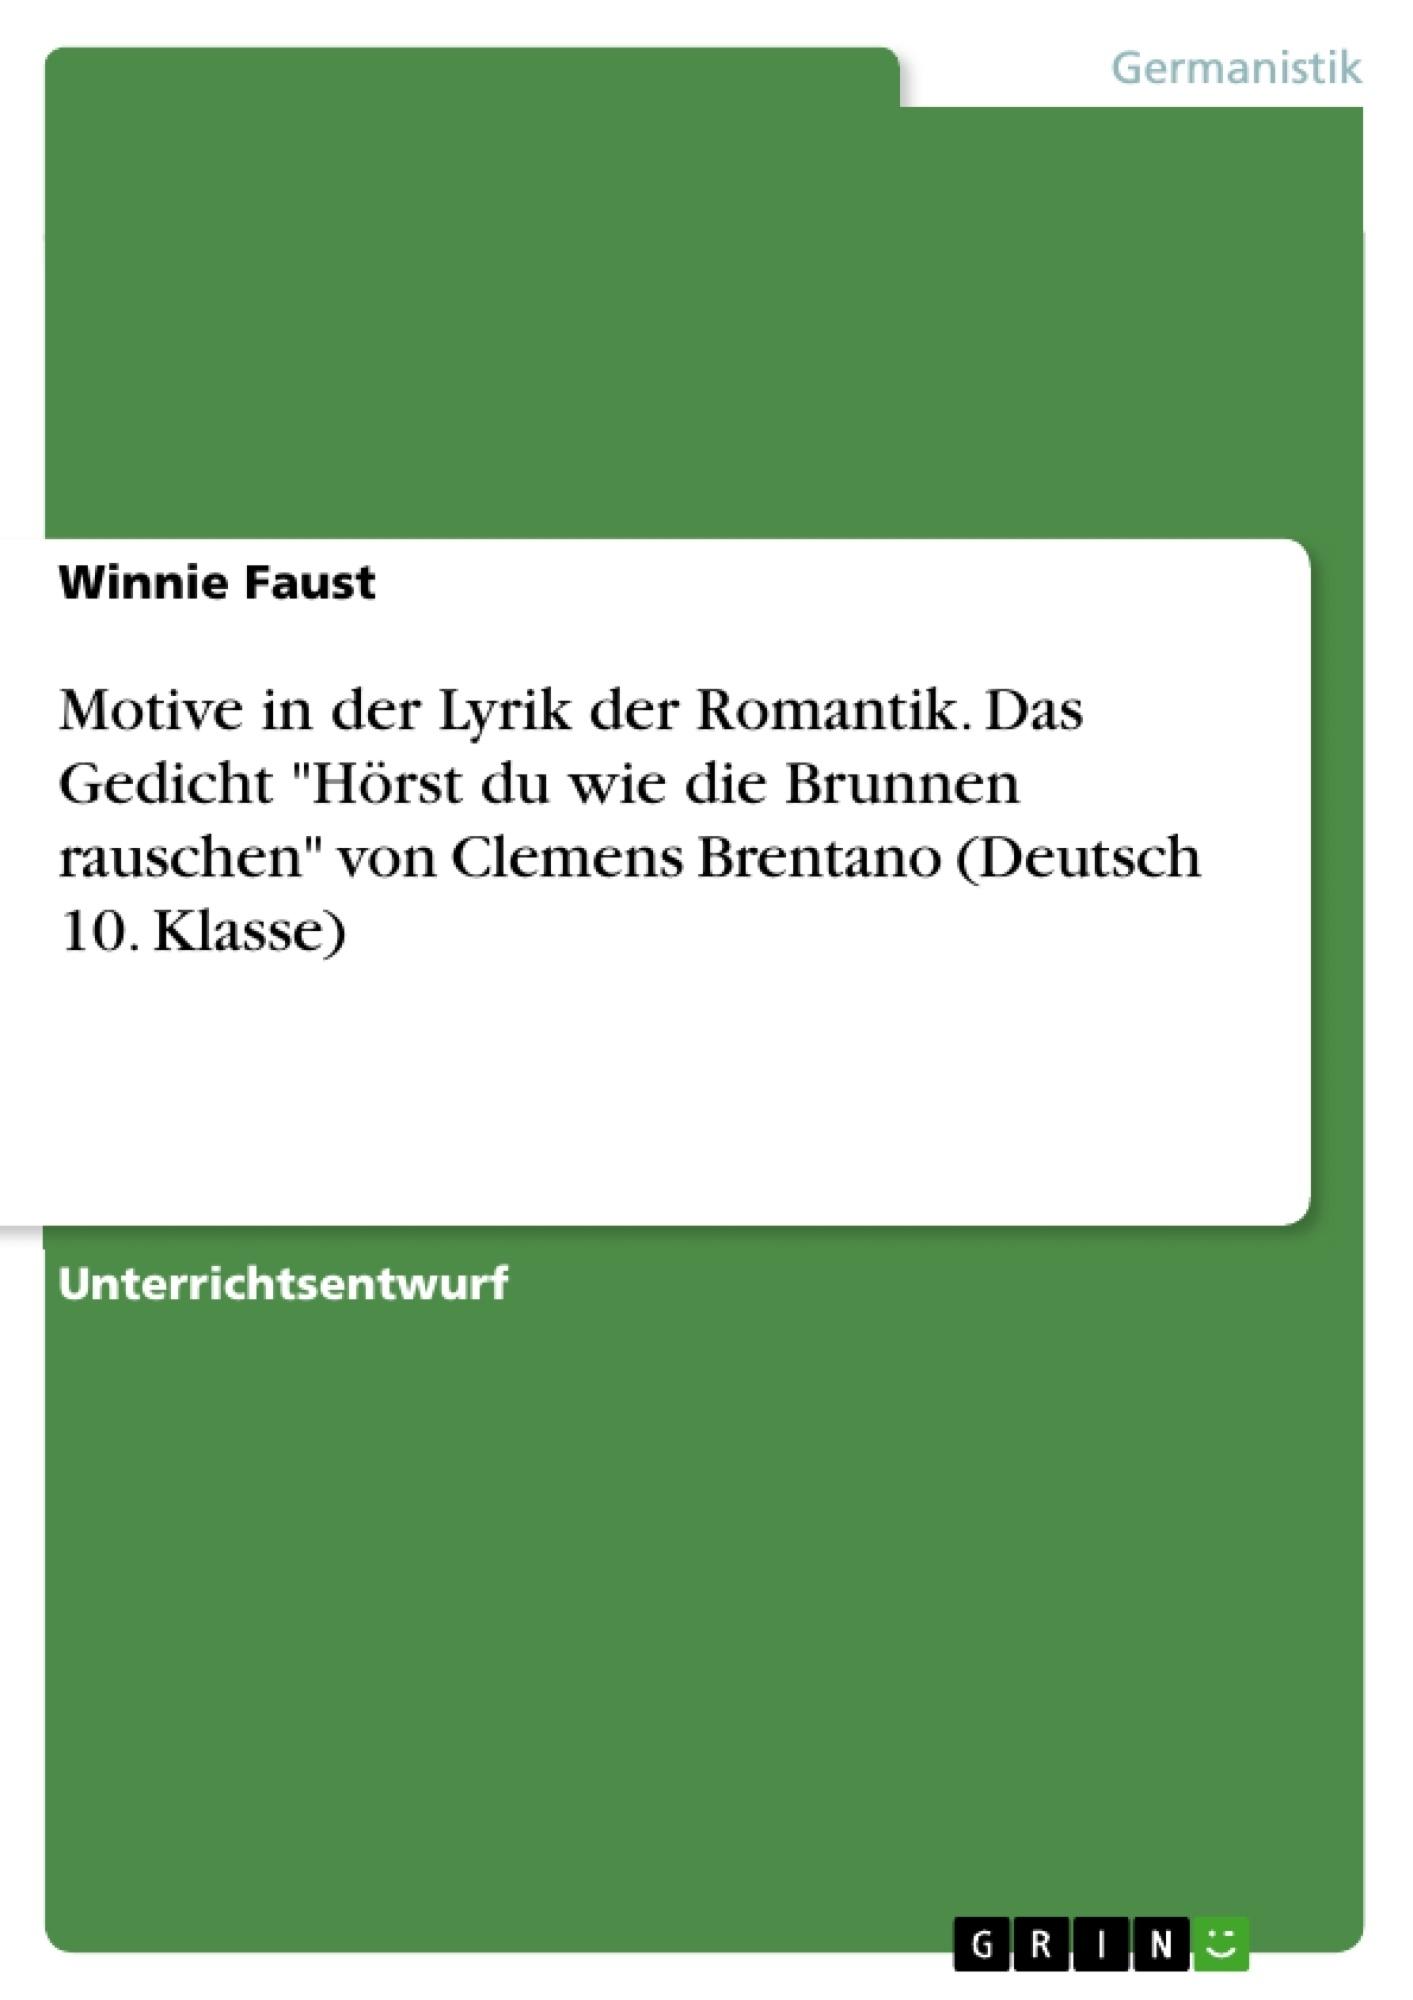 """Titel: Motive in der Lyrik der Romantik. Das Gedicht """"Hörst du wie die Brunnen rauschen"""" von Clemens Brentano (Deutsch 10. Klasse)"""